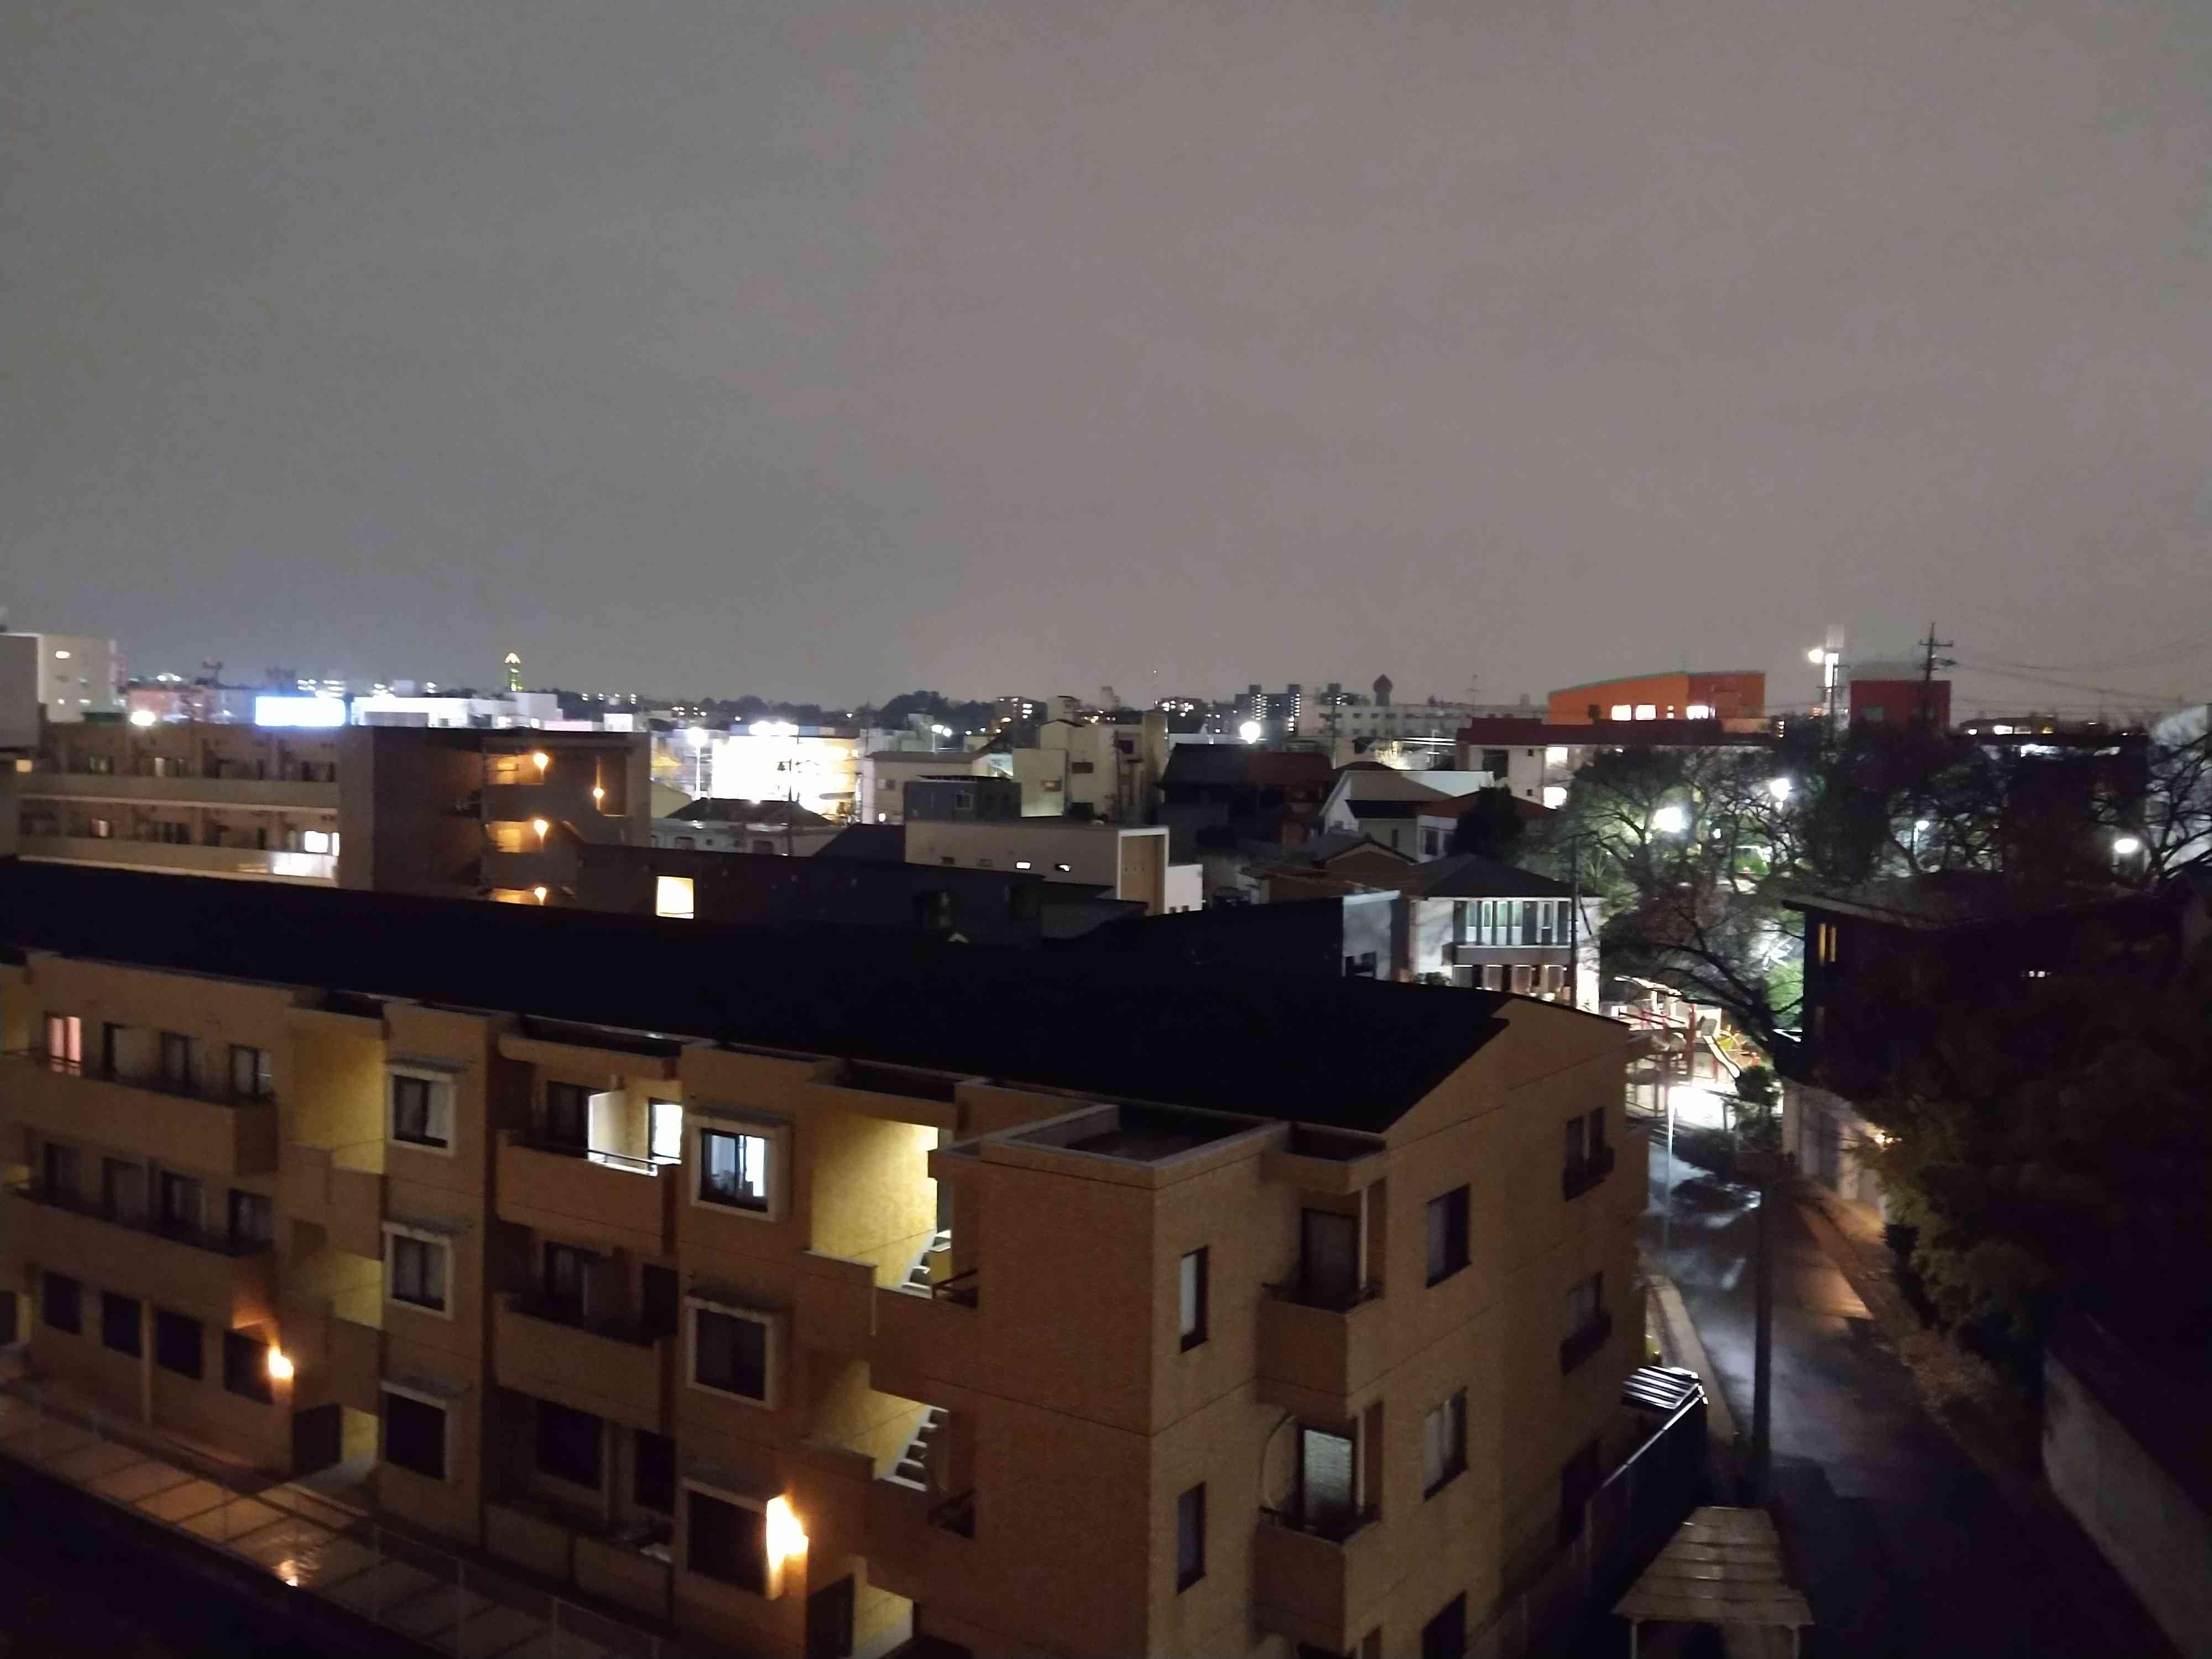 通常モードのカメラで撮影した夜景